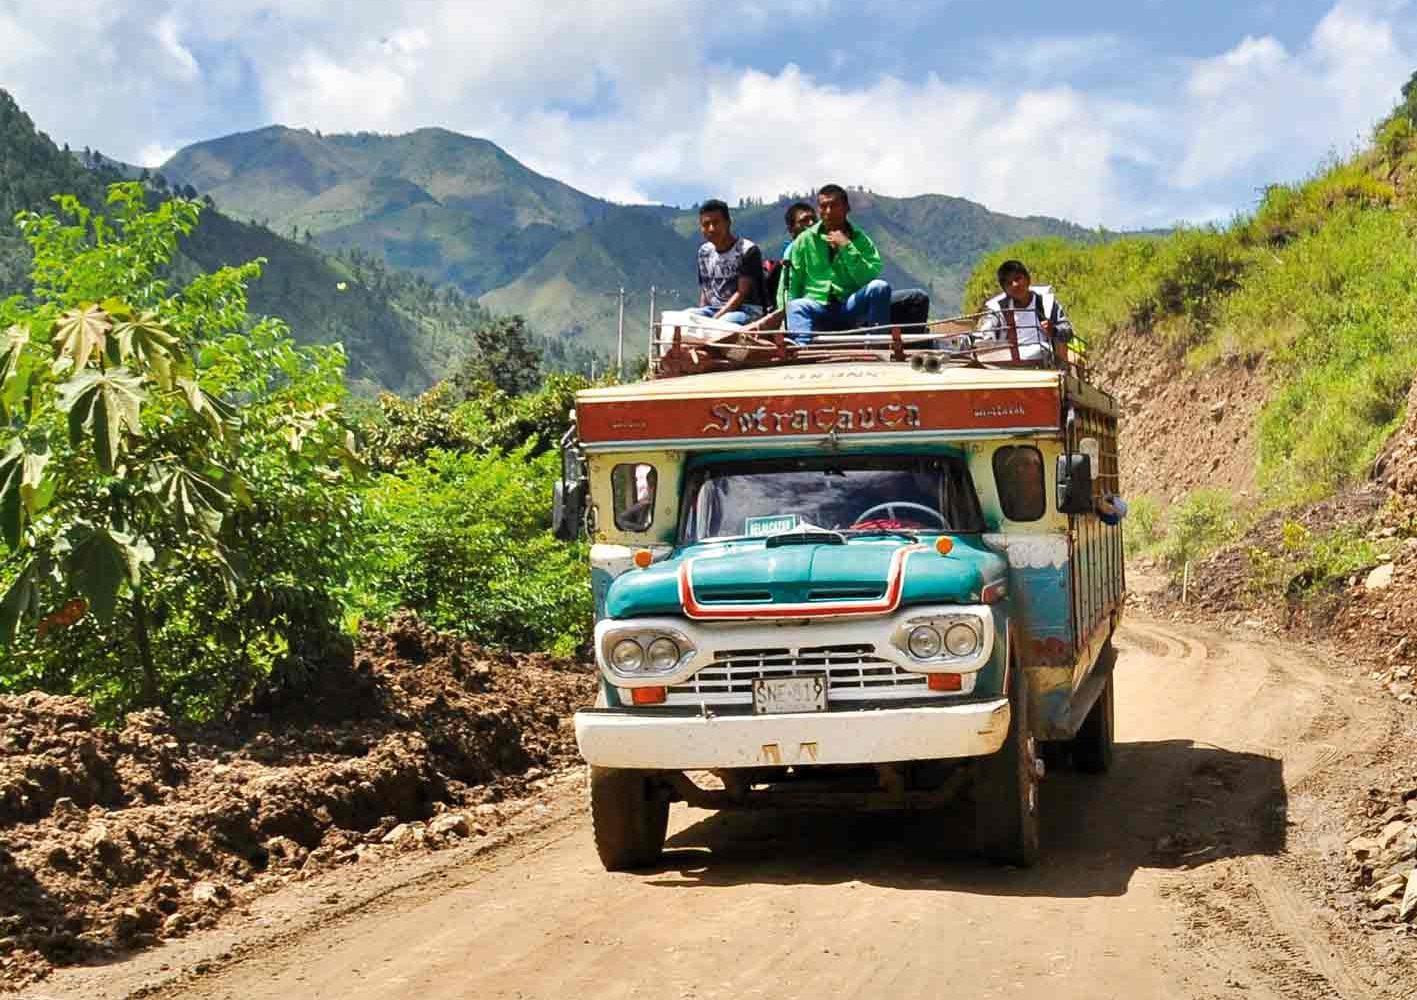 Einer der legendären lokalen Chiva-Busse (Ziegen-Bus) im ländlichen Kolumbien